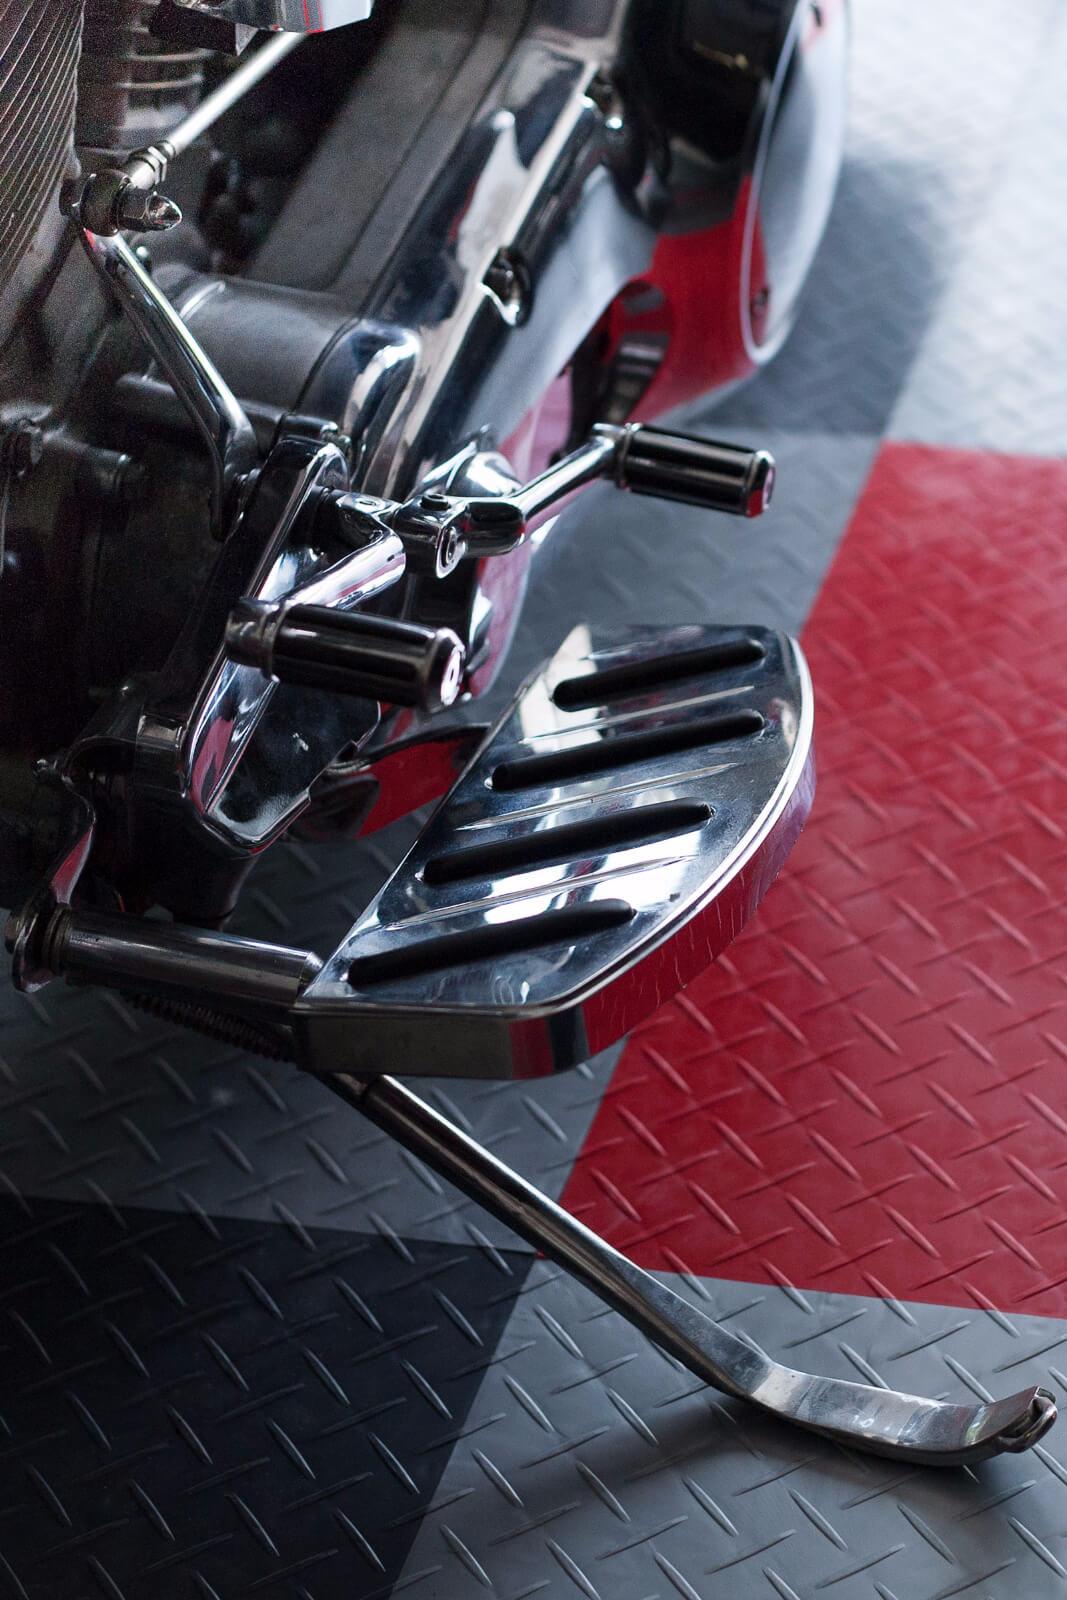 Detail shot of motorcycle